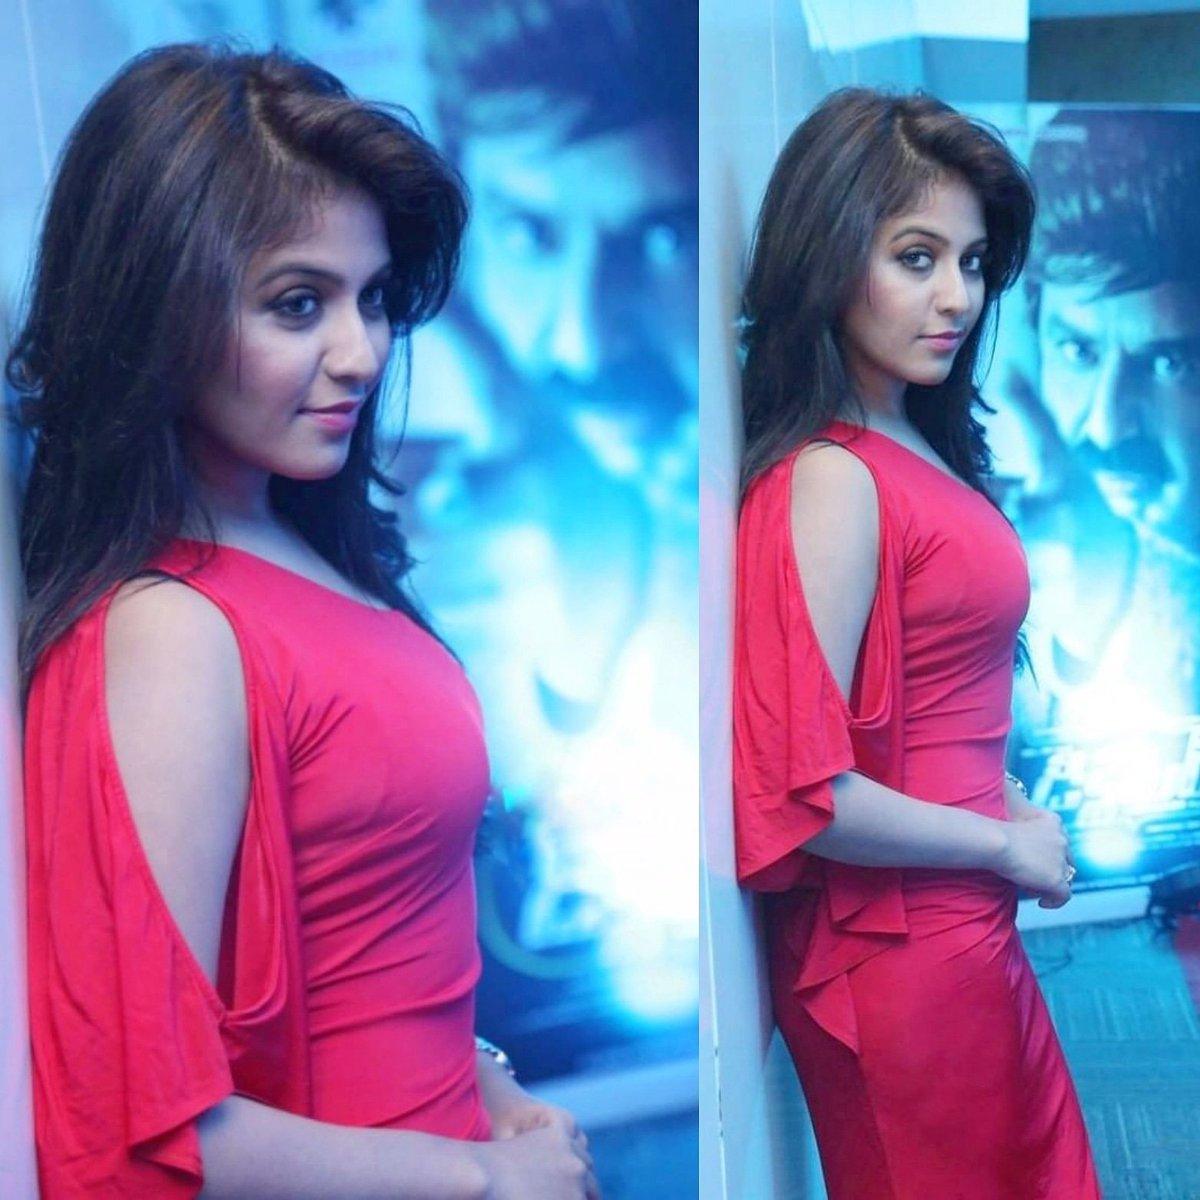 #anjali #actressanjali #tamilactress #kollywoodactress #kollywood #tamilgirls #tamilponnu #tamilgirl #impression #tamilgram #tighttop #hotlookspic.twitter.com/4nXwgMiPRR